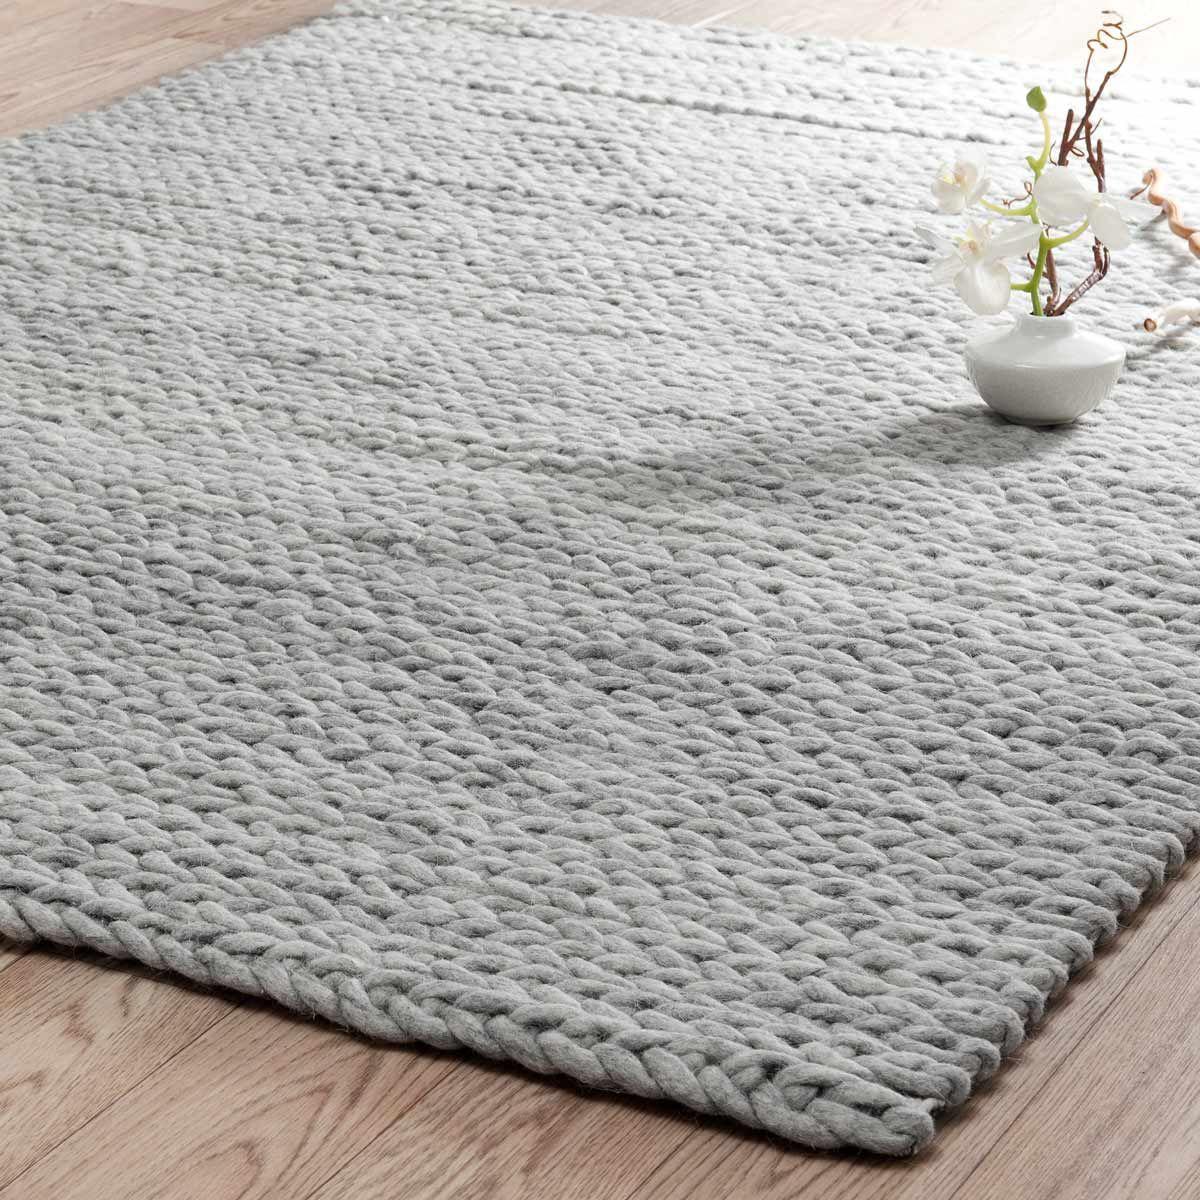 diy teppiche pompom teppich selber machen flauschigen pompom teppich. Black Bedroom Furniture Sets. Home Design Ideas